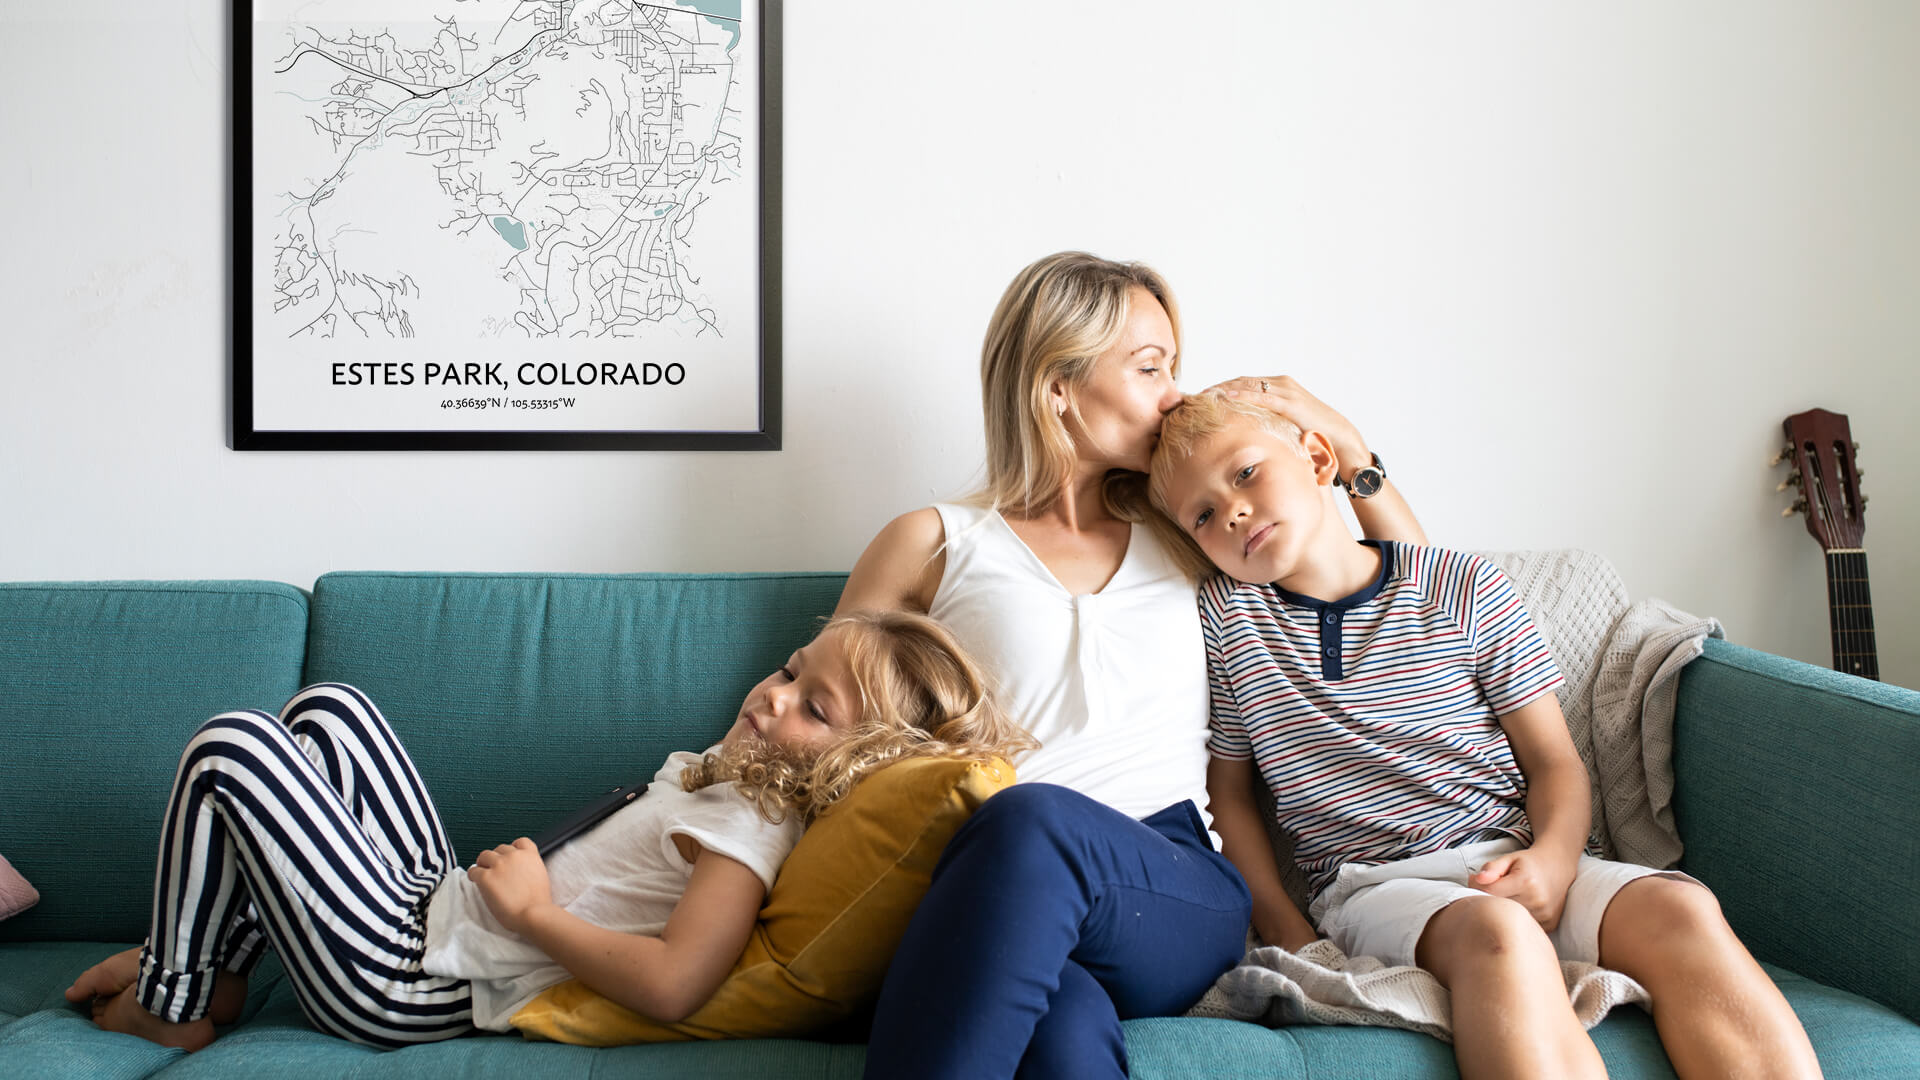 Estes Park map poster